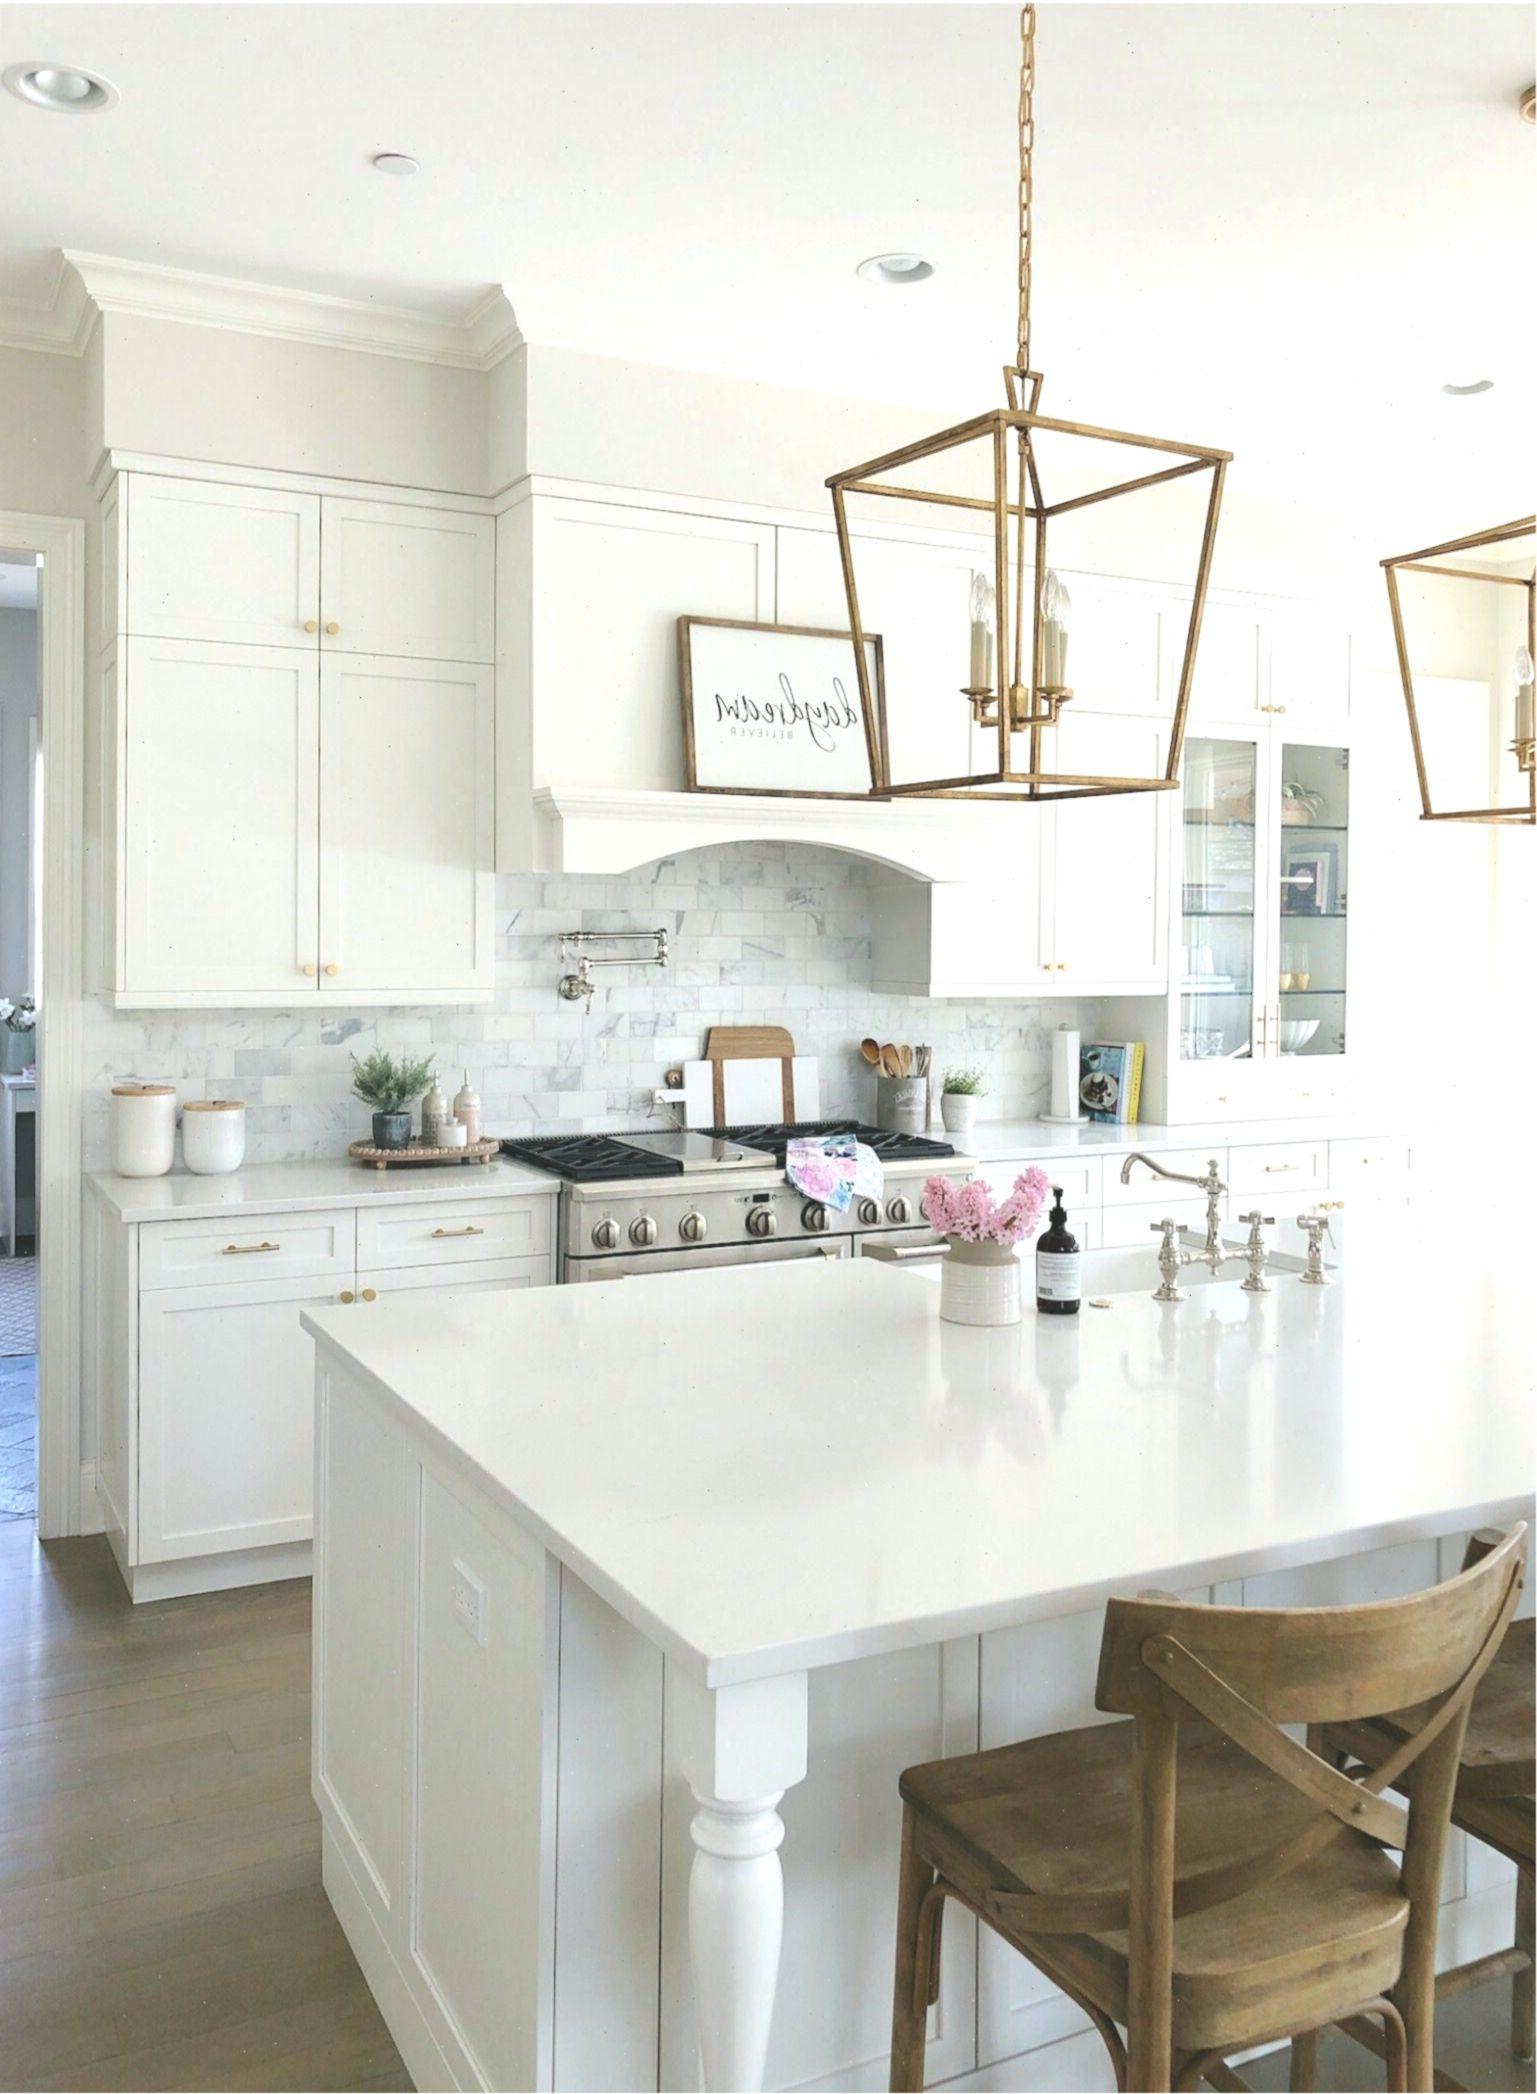 Weisse Kuche Mit Quarzzahlern Holzhockern Messinglaternen Bauernspule In 2020 Kitchen Farmhouse Kitchen Kitchen Design